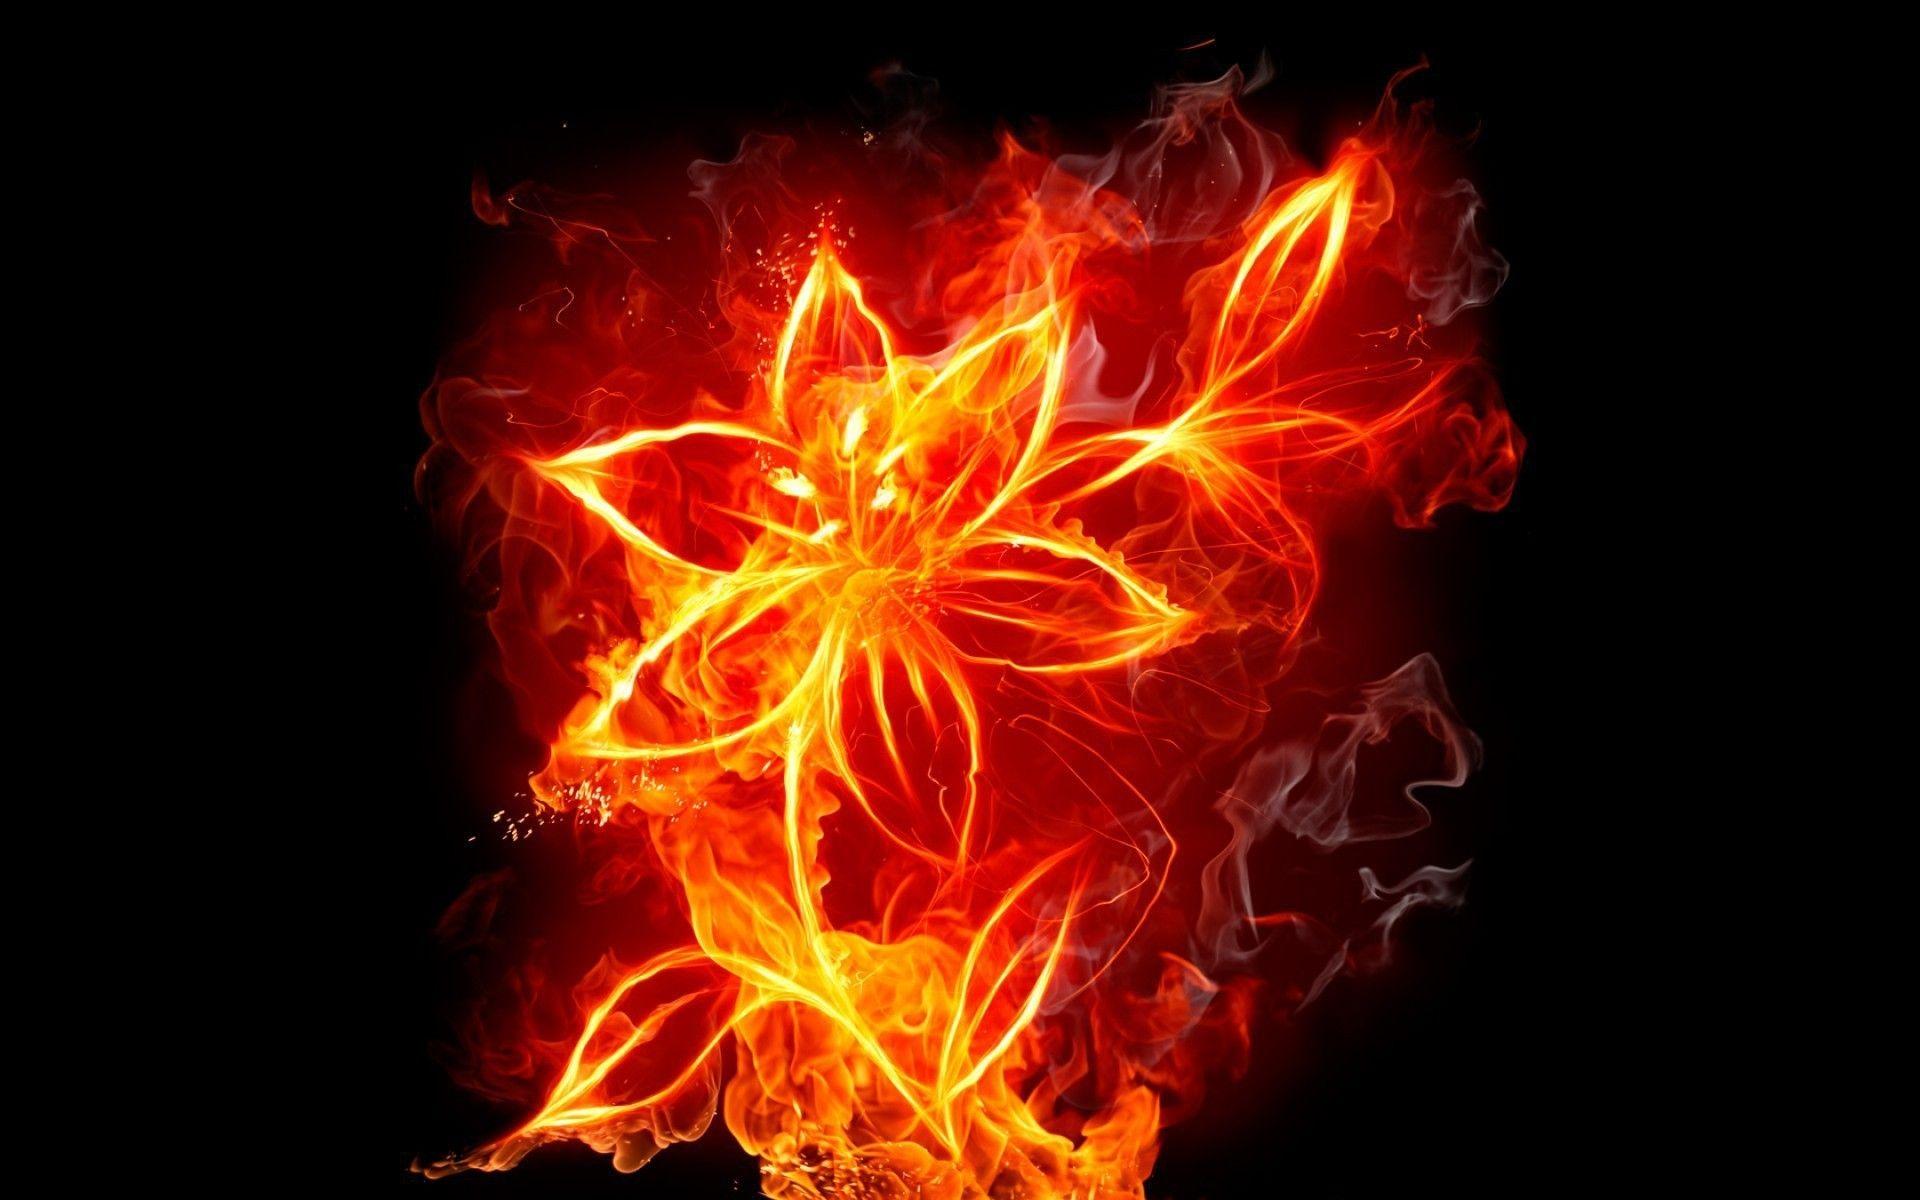 Digital Art Fire Flower Flames Wallpaper Fire Flower Fire Photography Fire Art